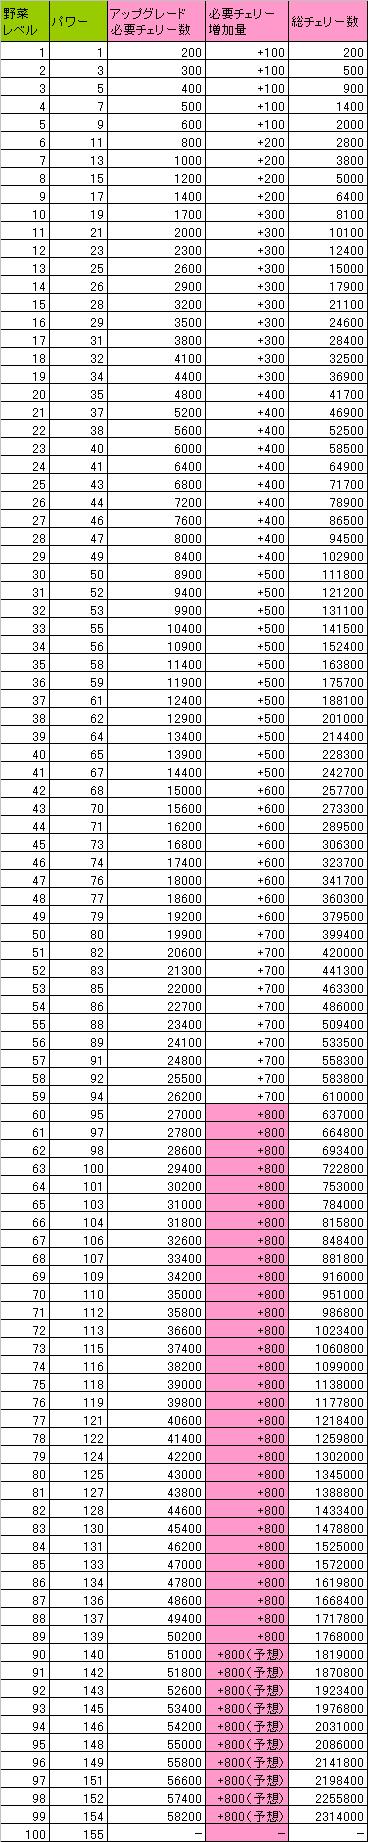 野菜のアップグレードに必要なチェリー数をまとめた表